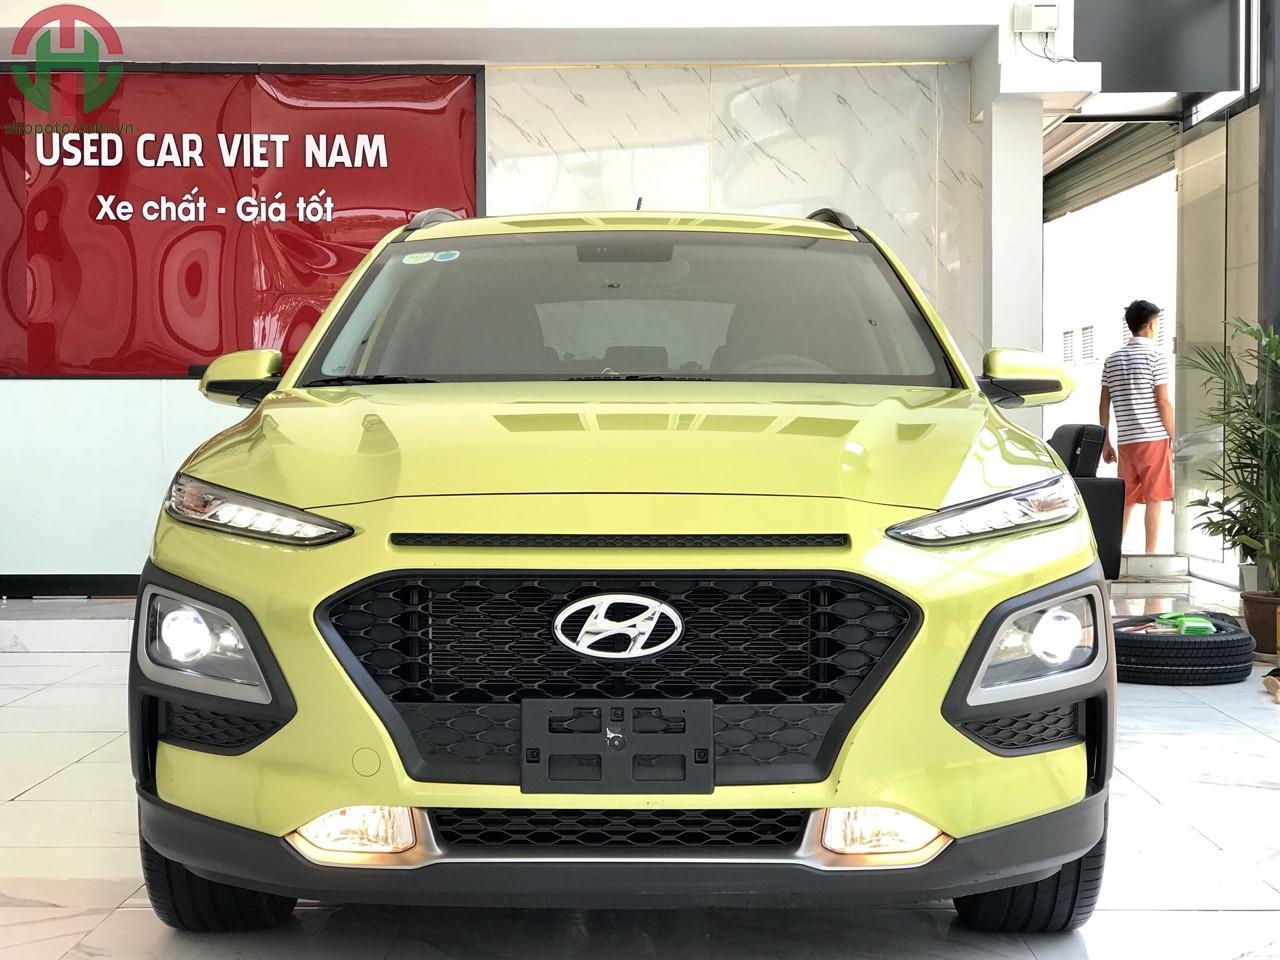 Hyundai KONA 2.0 AT 2019 Bản Đặc Biệt màu Xanh